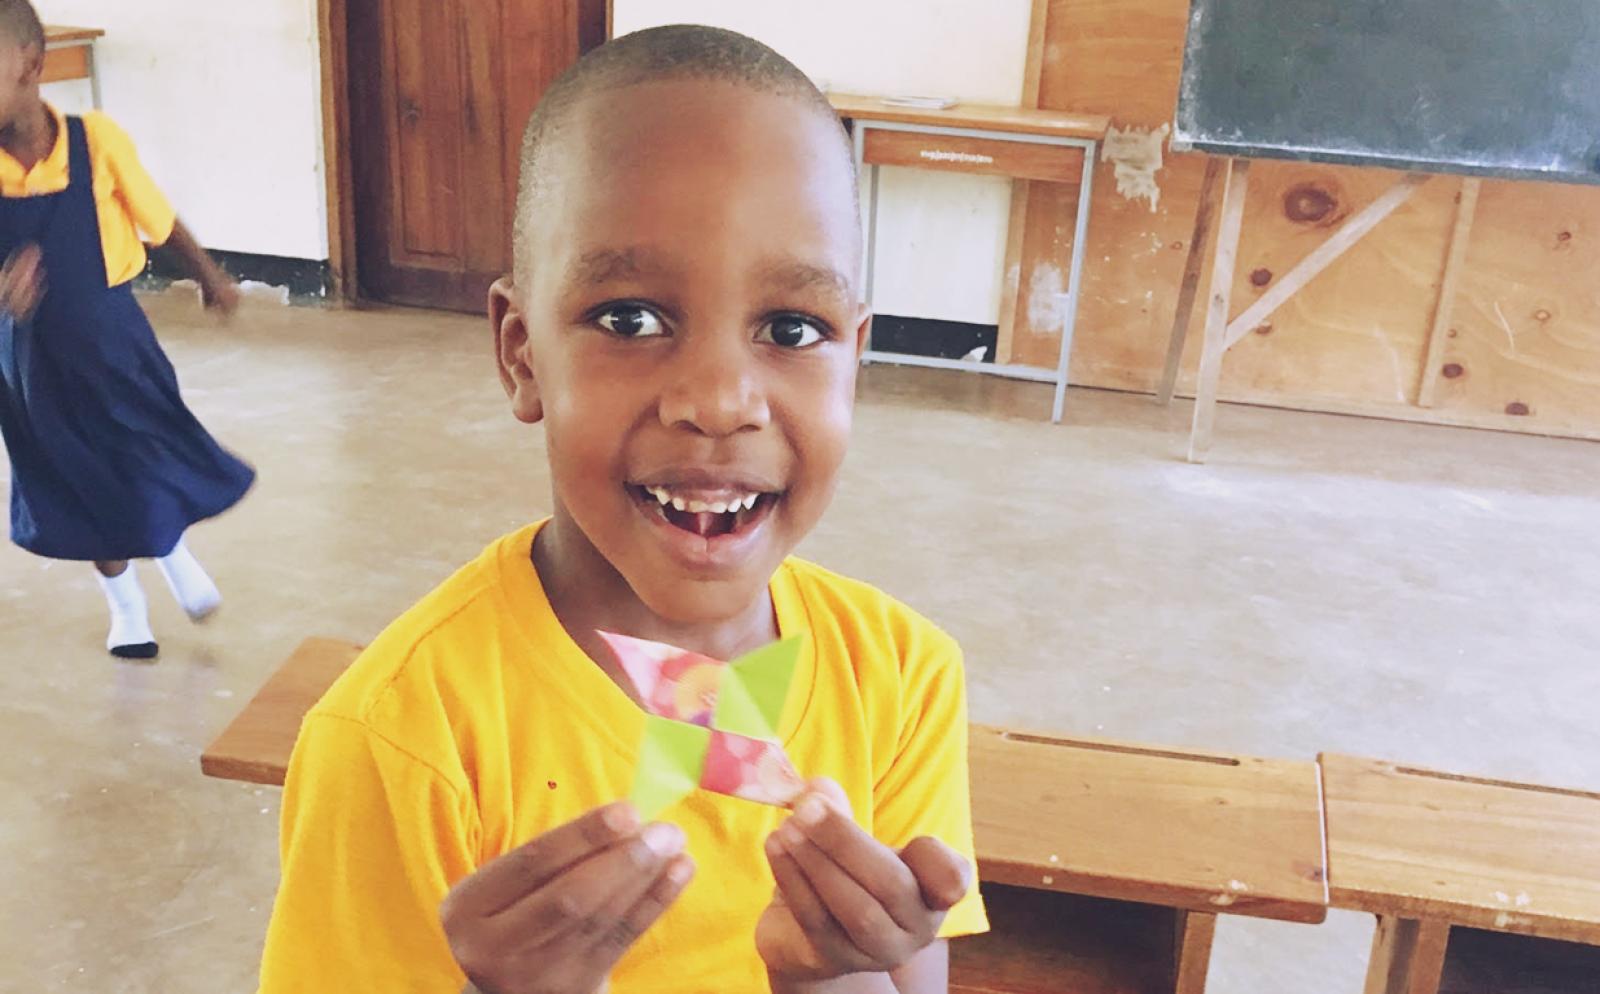 教育ボランティア上島知佳子さんから学校で折り紙を教わったタンザニアの少年